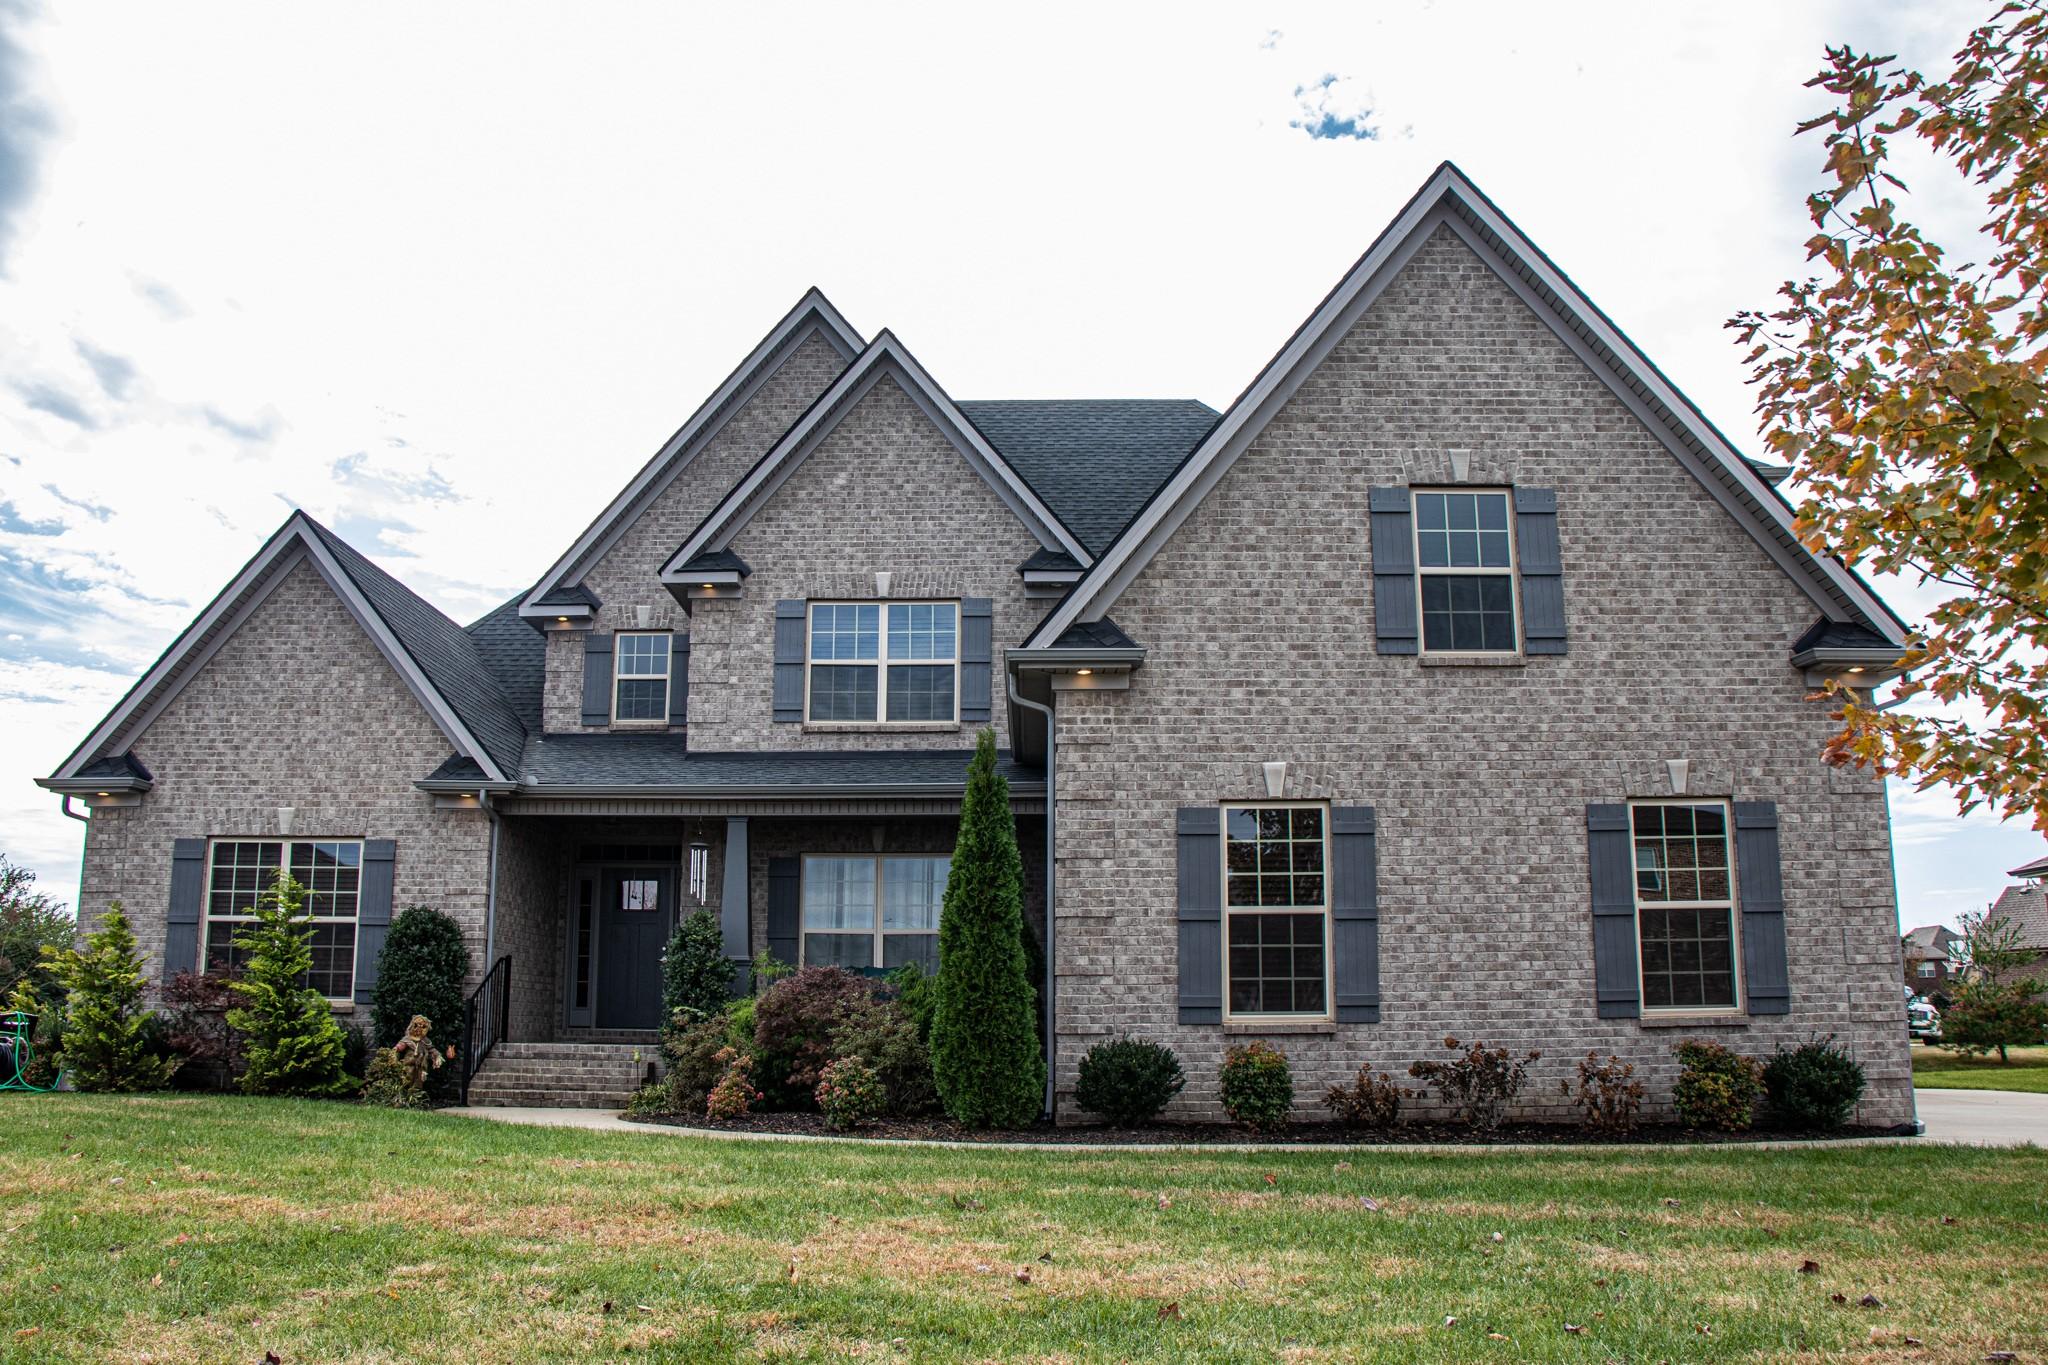 730 Dallas Ct, Murfreesboro, TN 37130 - Murfreesboro, TN real estate listing